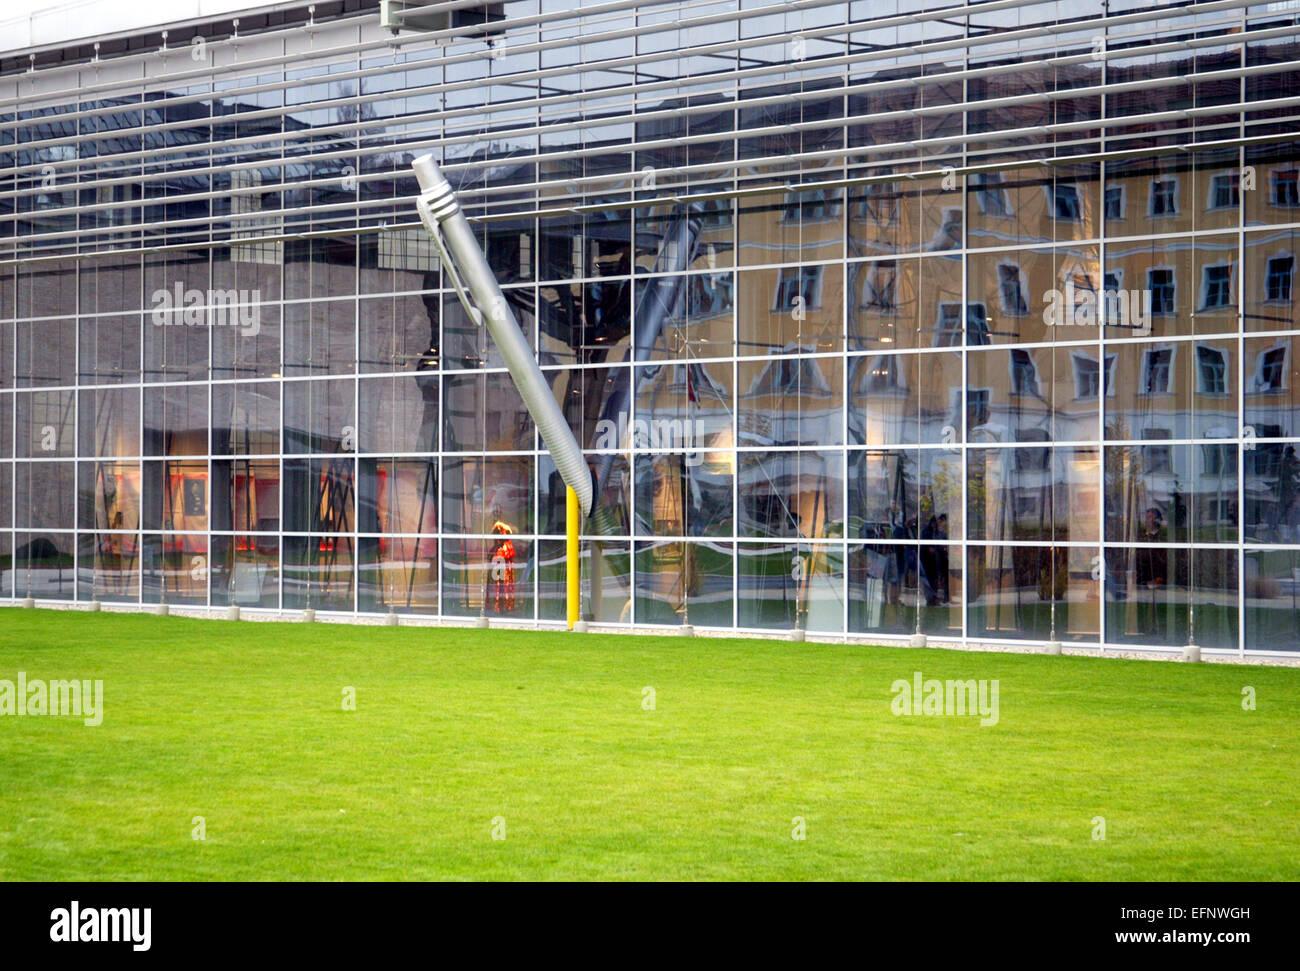 Architektur Modern Fassade Glasfassade Glas Fenster Aussen Rasen ...